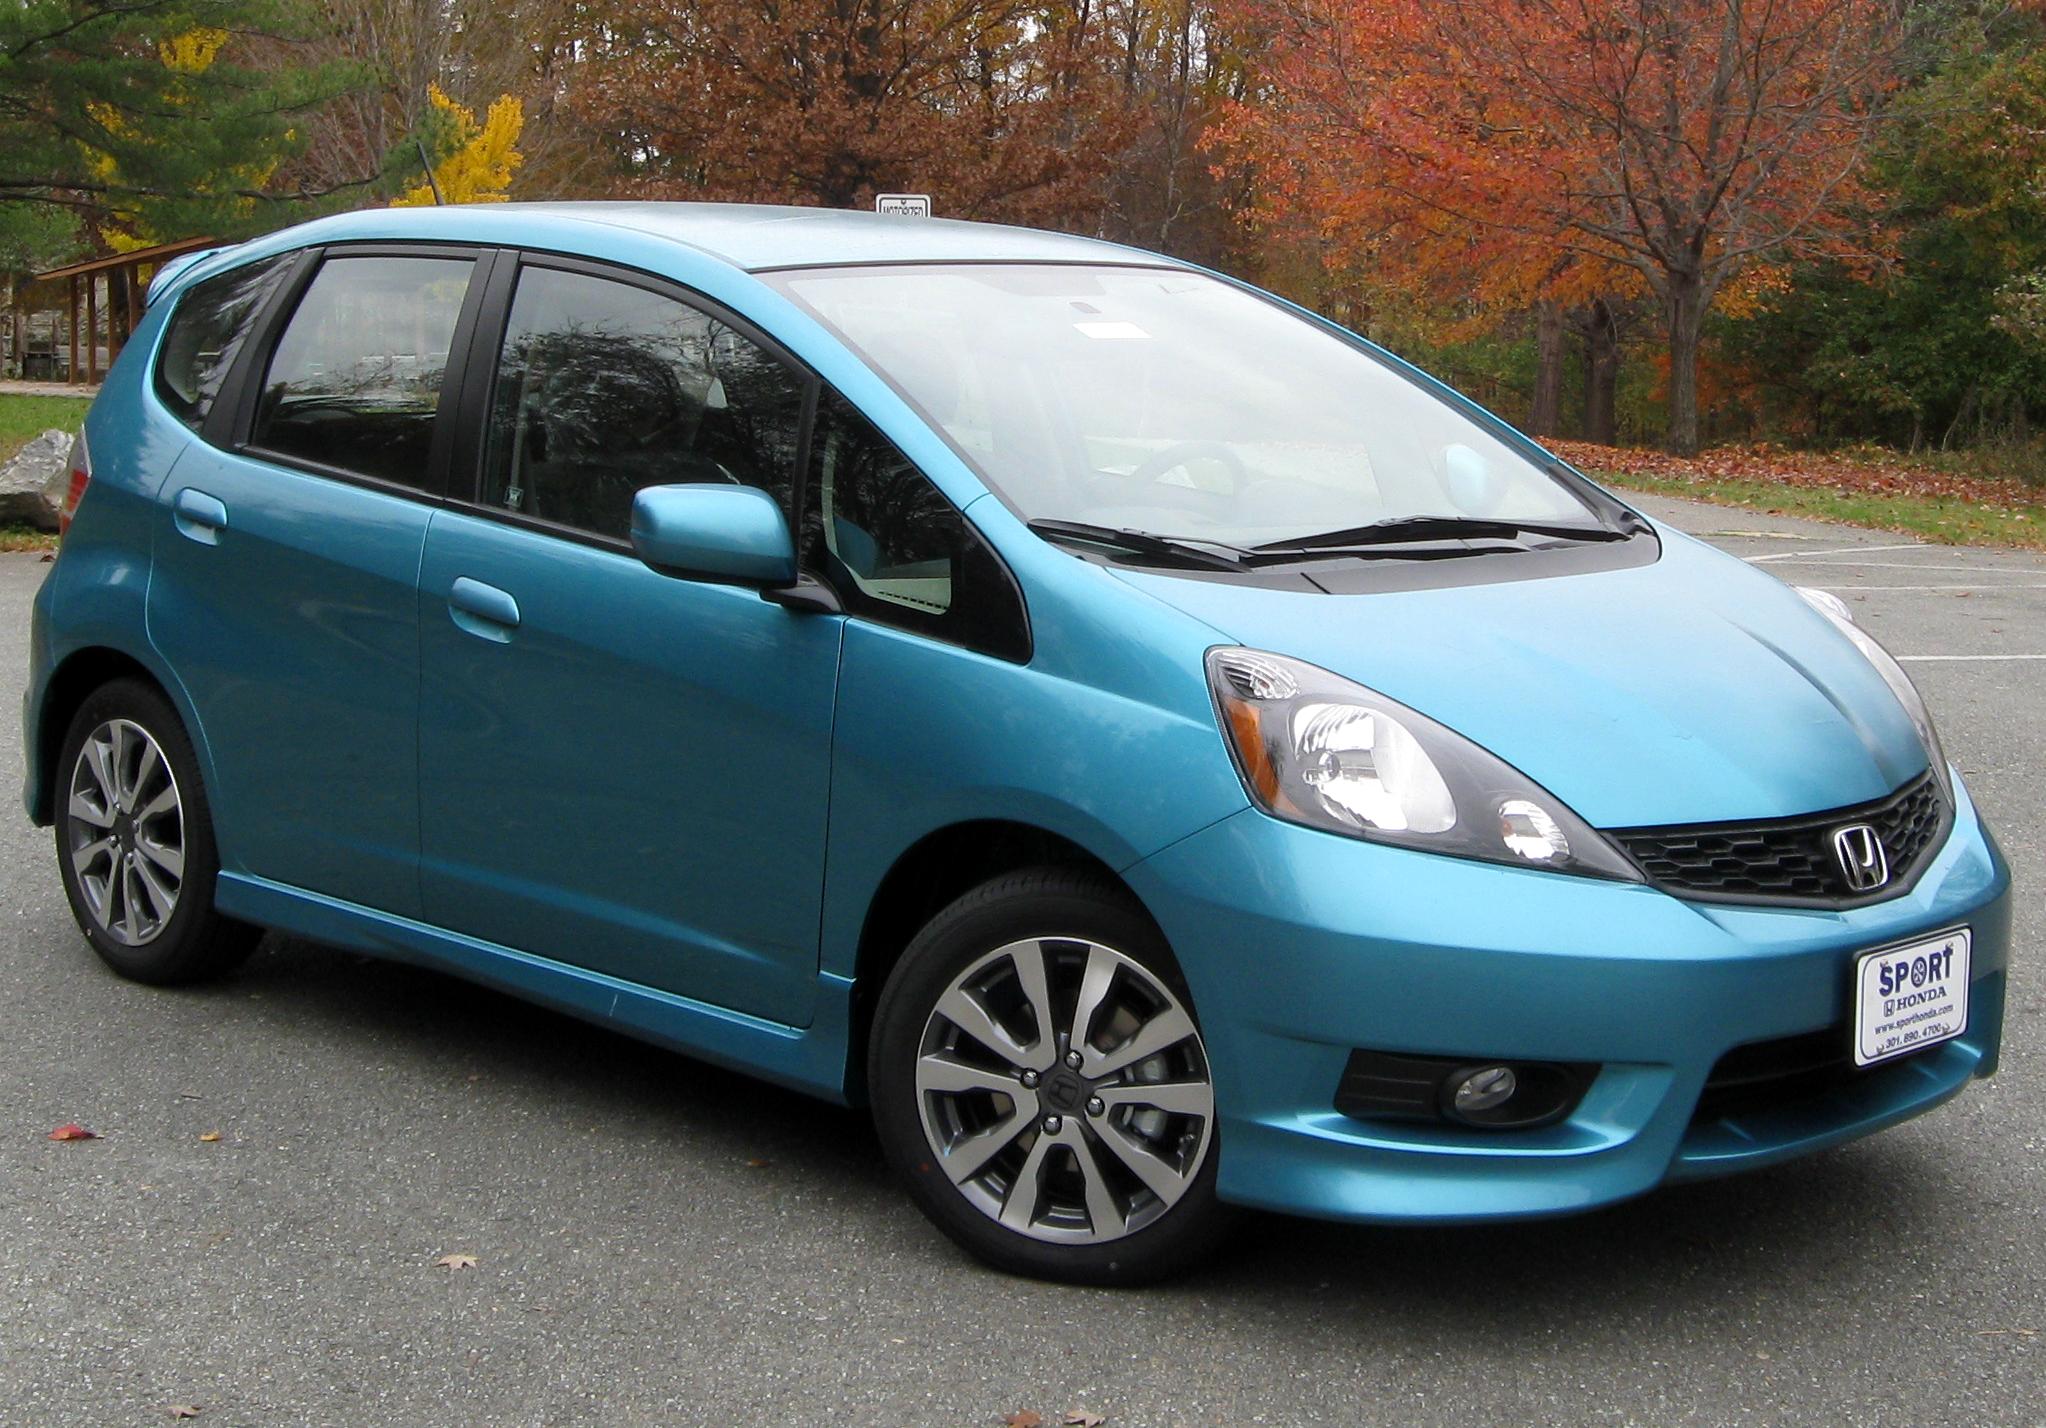 Honda Civic Sports Car For Sale